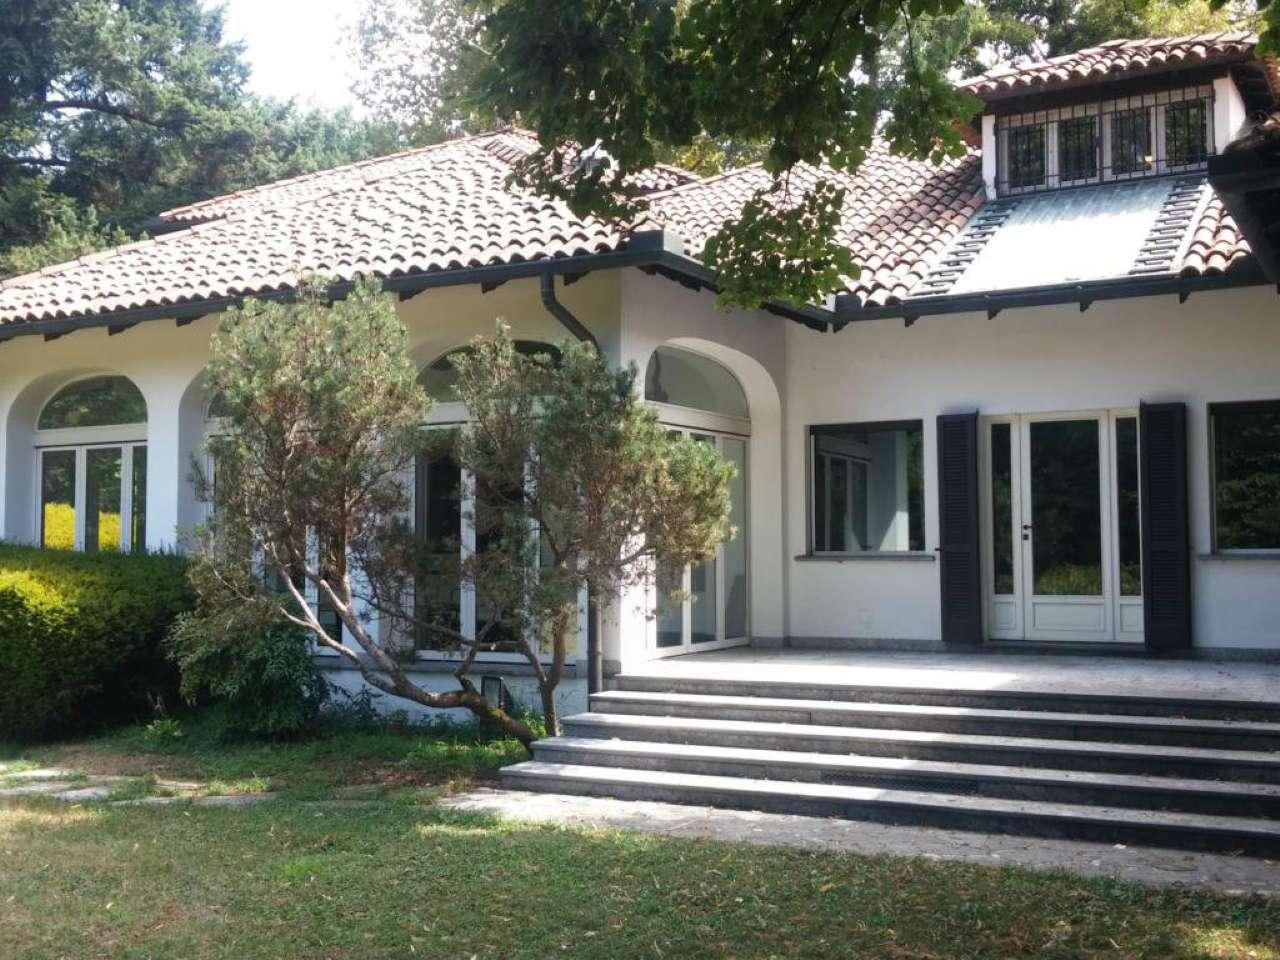 Villa in vendita a Robecco sul Naviglio, 9999 locali, prezzo € 1.190.000 | CambioCasa.it